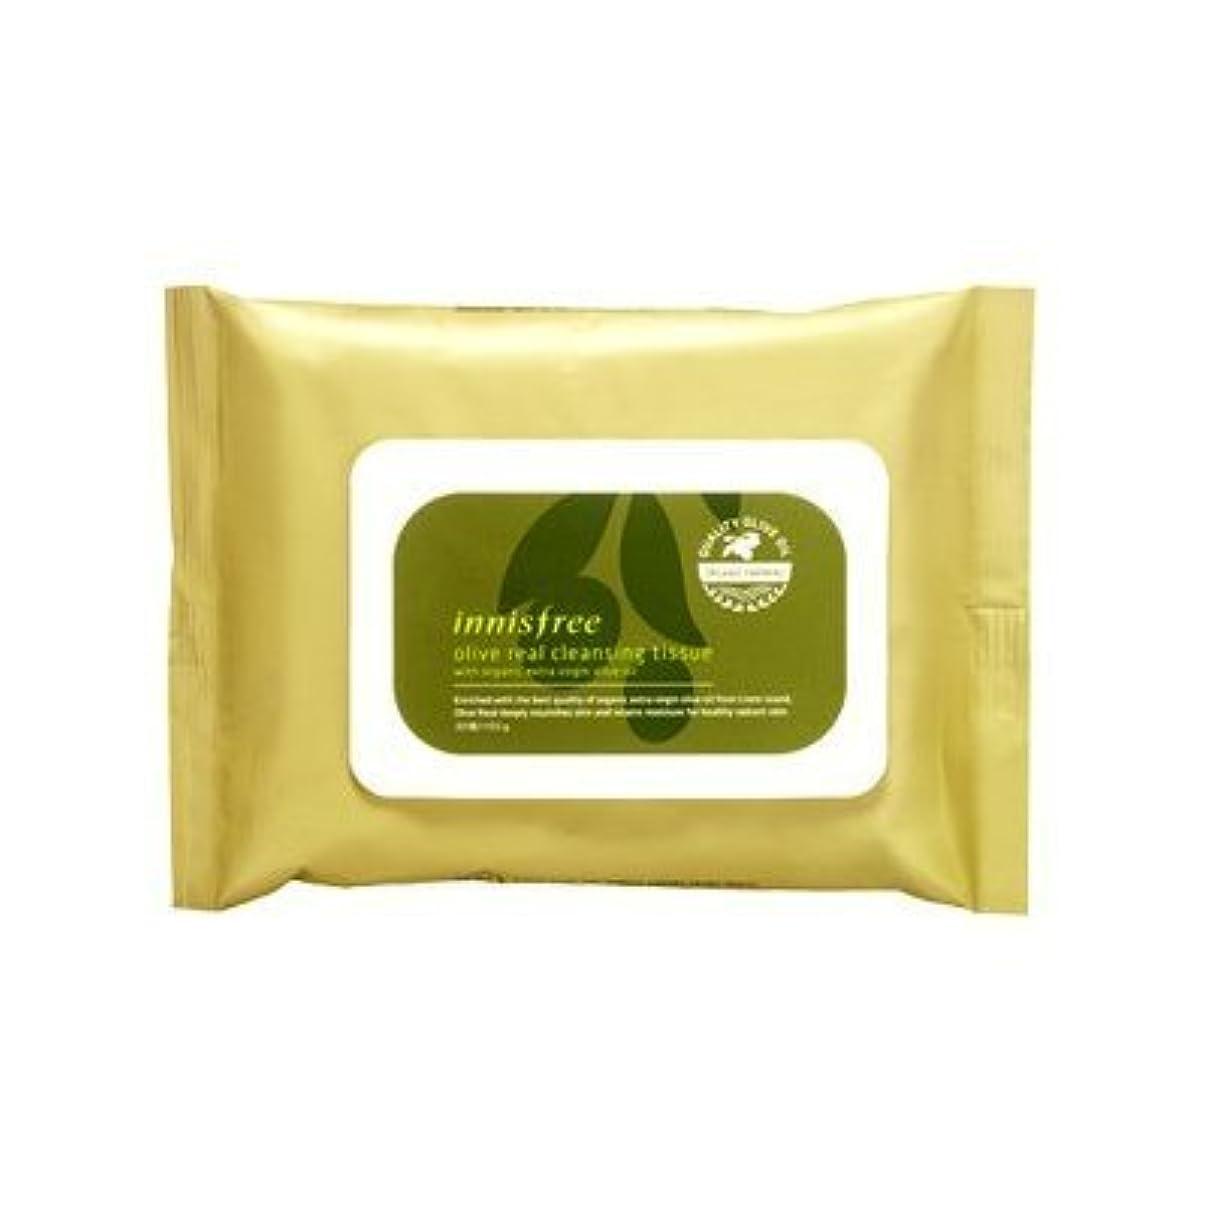 返済思い出す裂け目Innisfree Olive Real Cleansing Tissue (30 sheets)